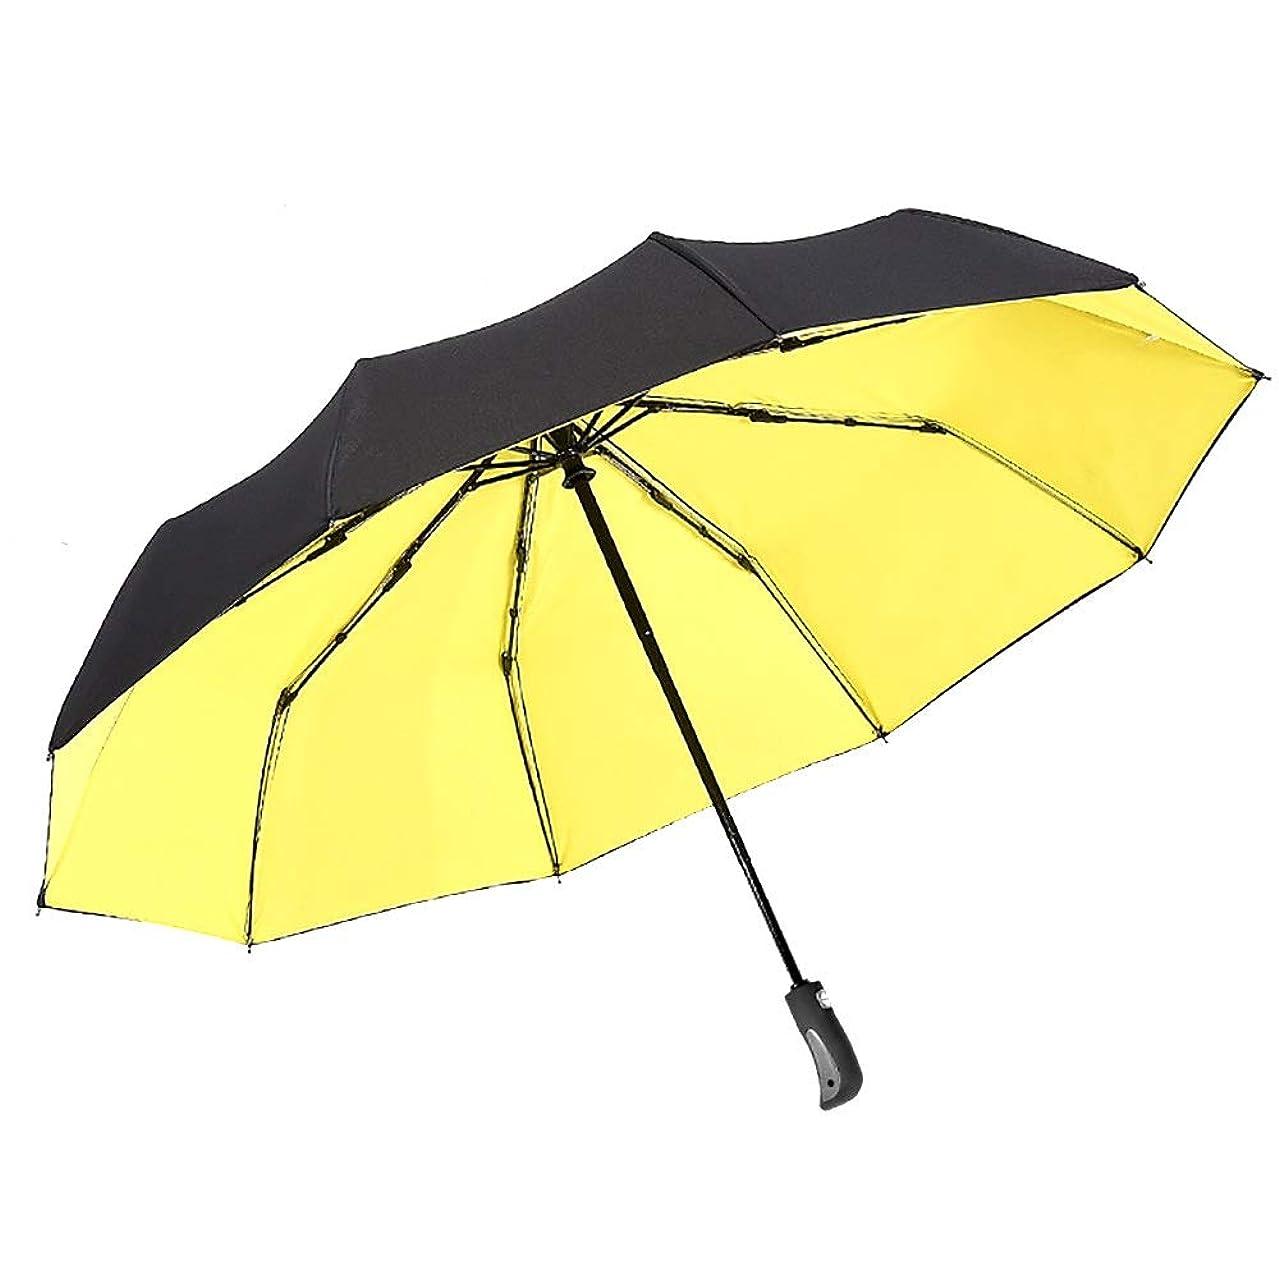 アダルト接続詞うねるSYMJP 折りたたみ傘 レディース 日傘 肌守り SPF 50 コンパクト 軽量 携帯便利 晴雨兼用 自動 (Color : イエロー, Size : フリー)